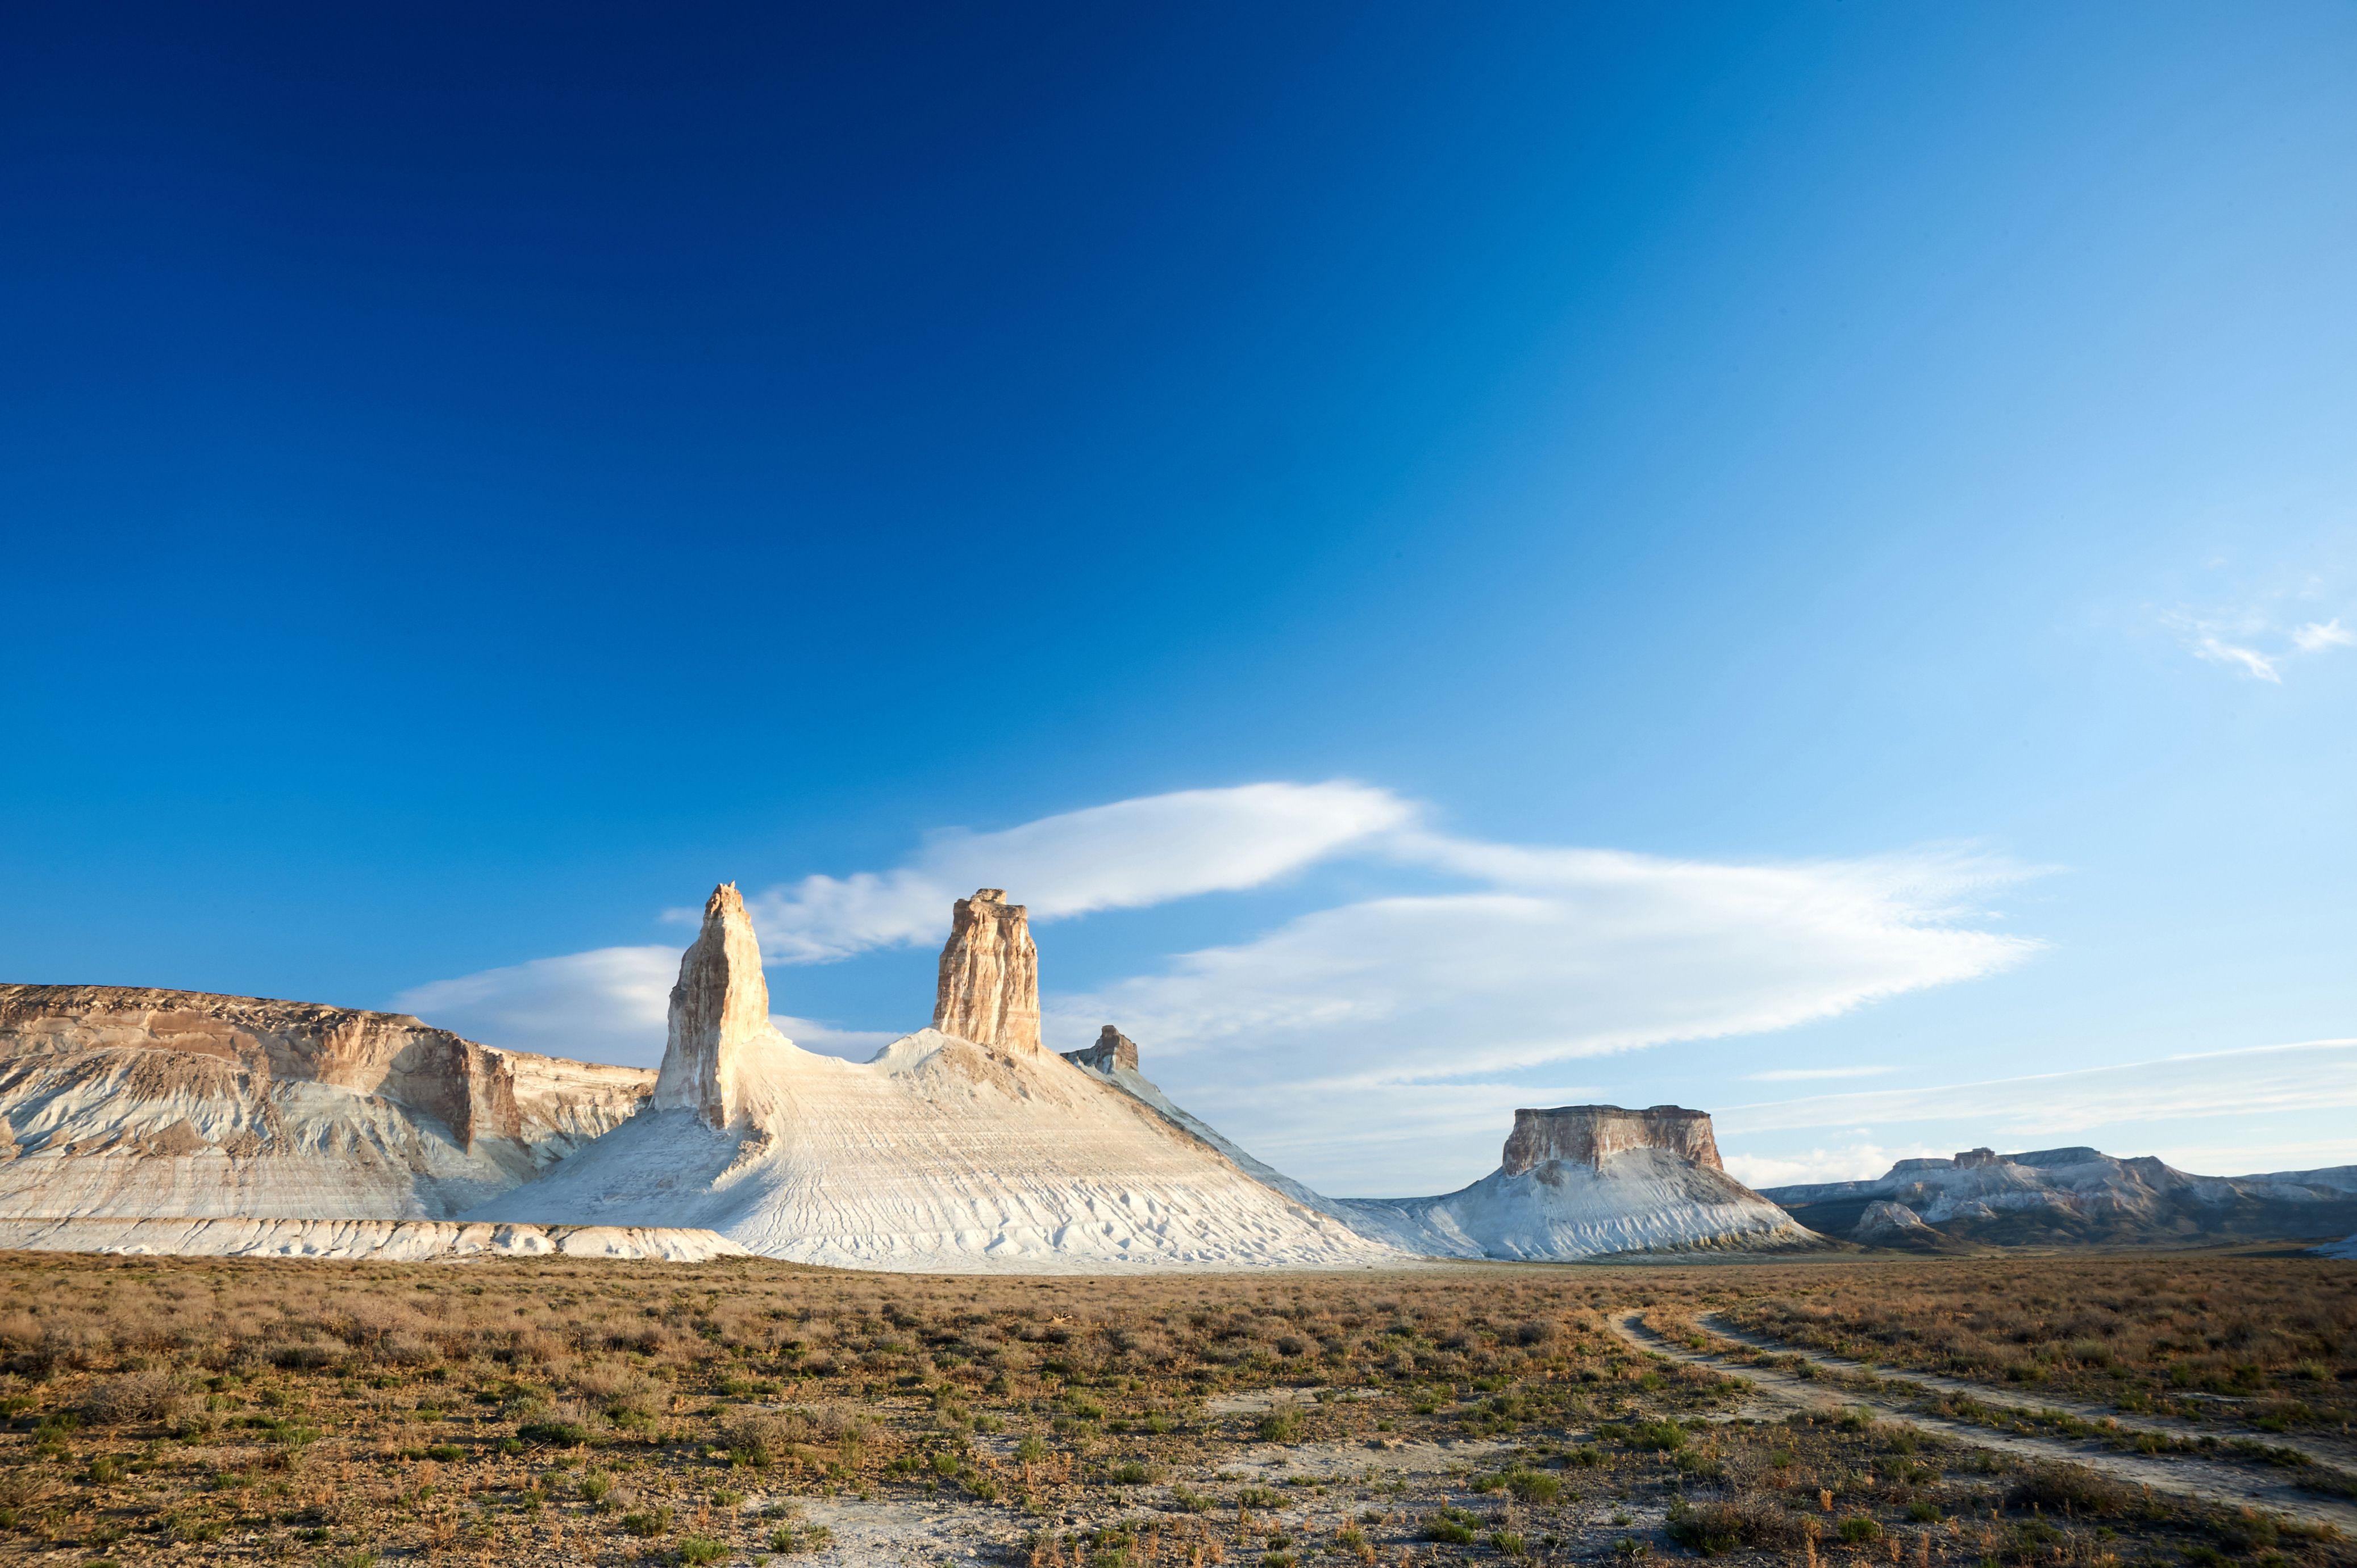 Abenteuerreise Im Land Der Endlosen Steppen Entdeckt Die Highlights Von Kasachstan Abenteuerreisen Reisen Kasachstan